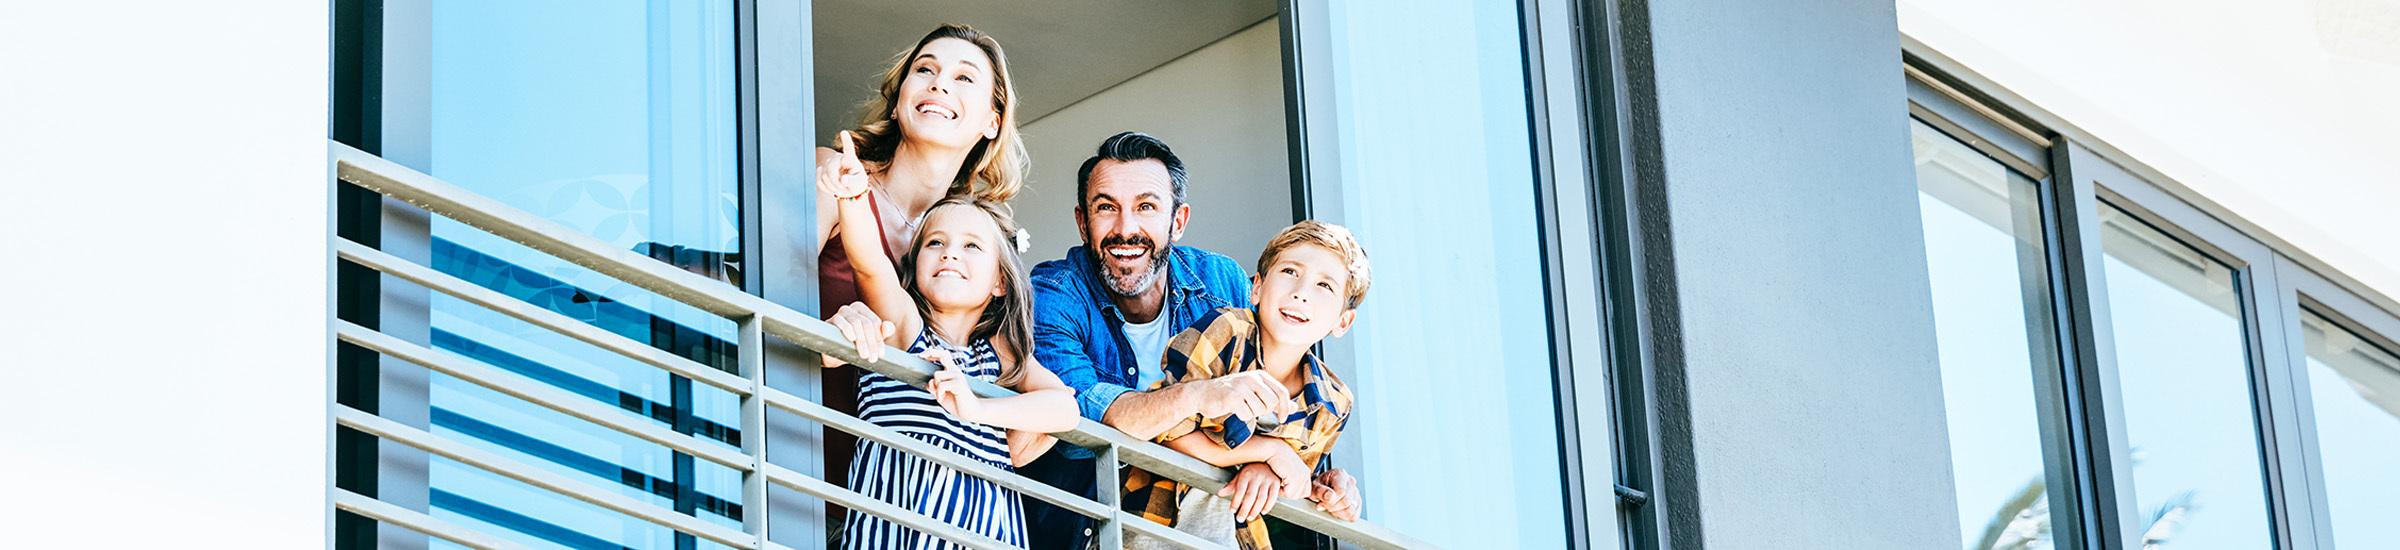 Familie guckt gespannt aus dem Fenster ihrer Ferienimmobilie_Header für den Artikel zum Kaufmarktplatz